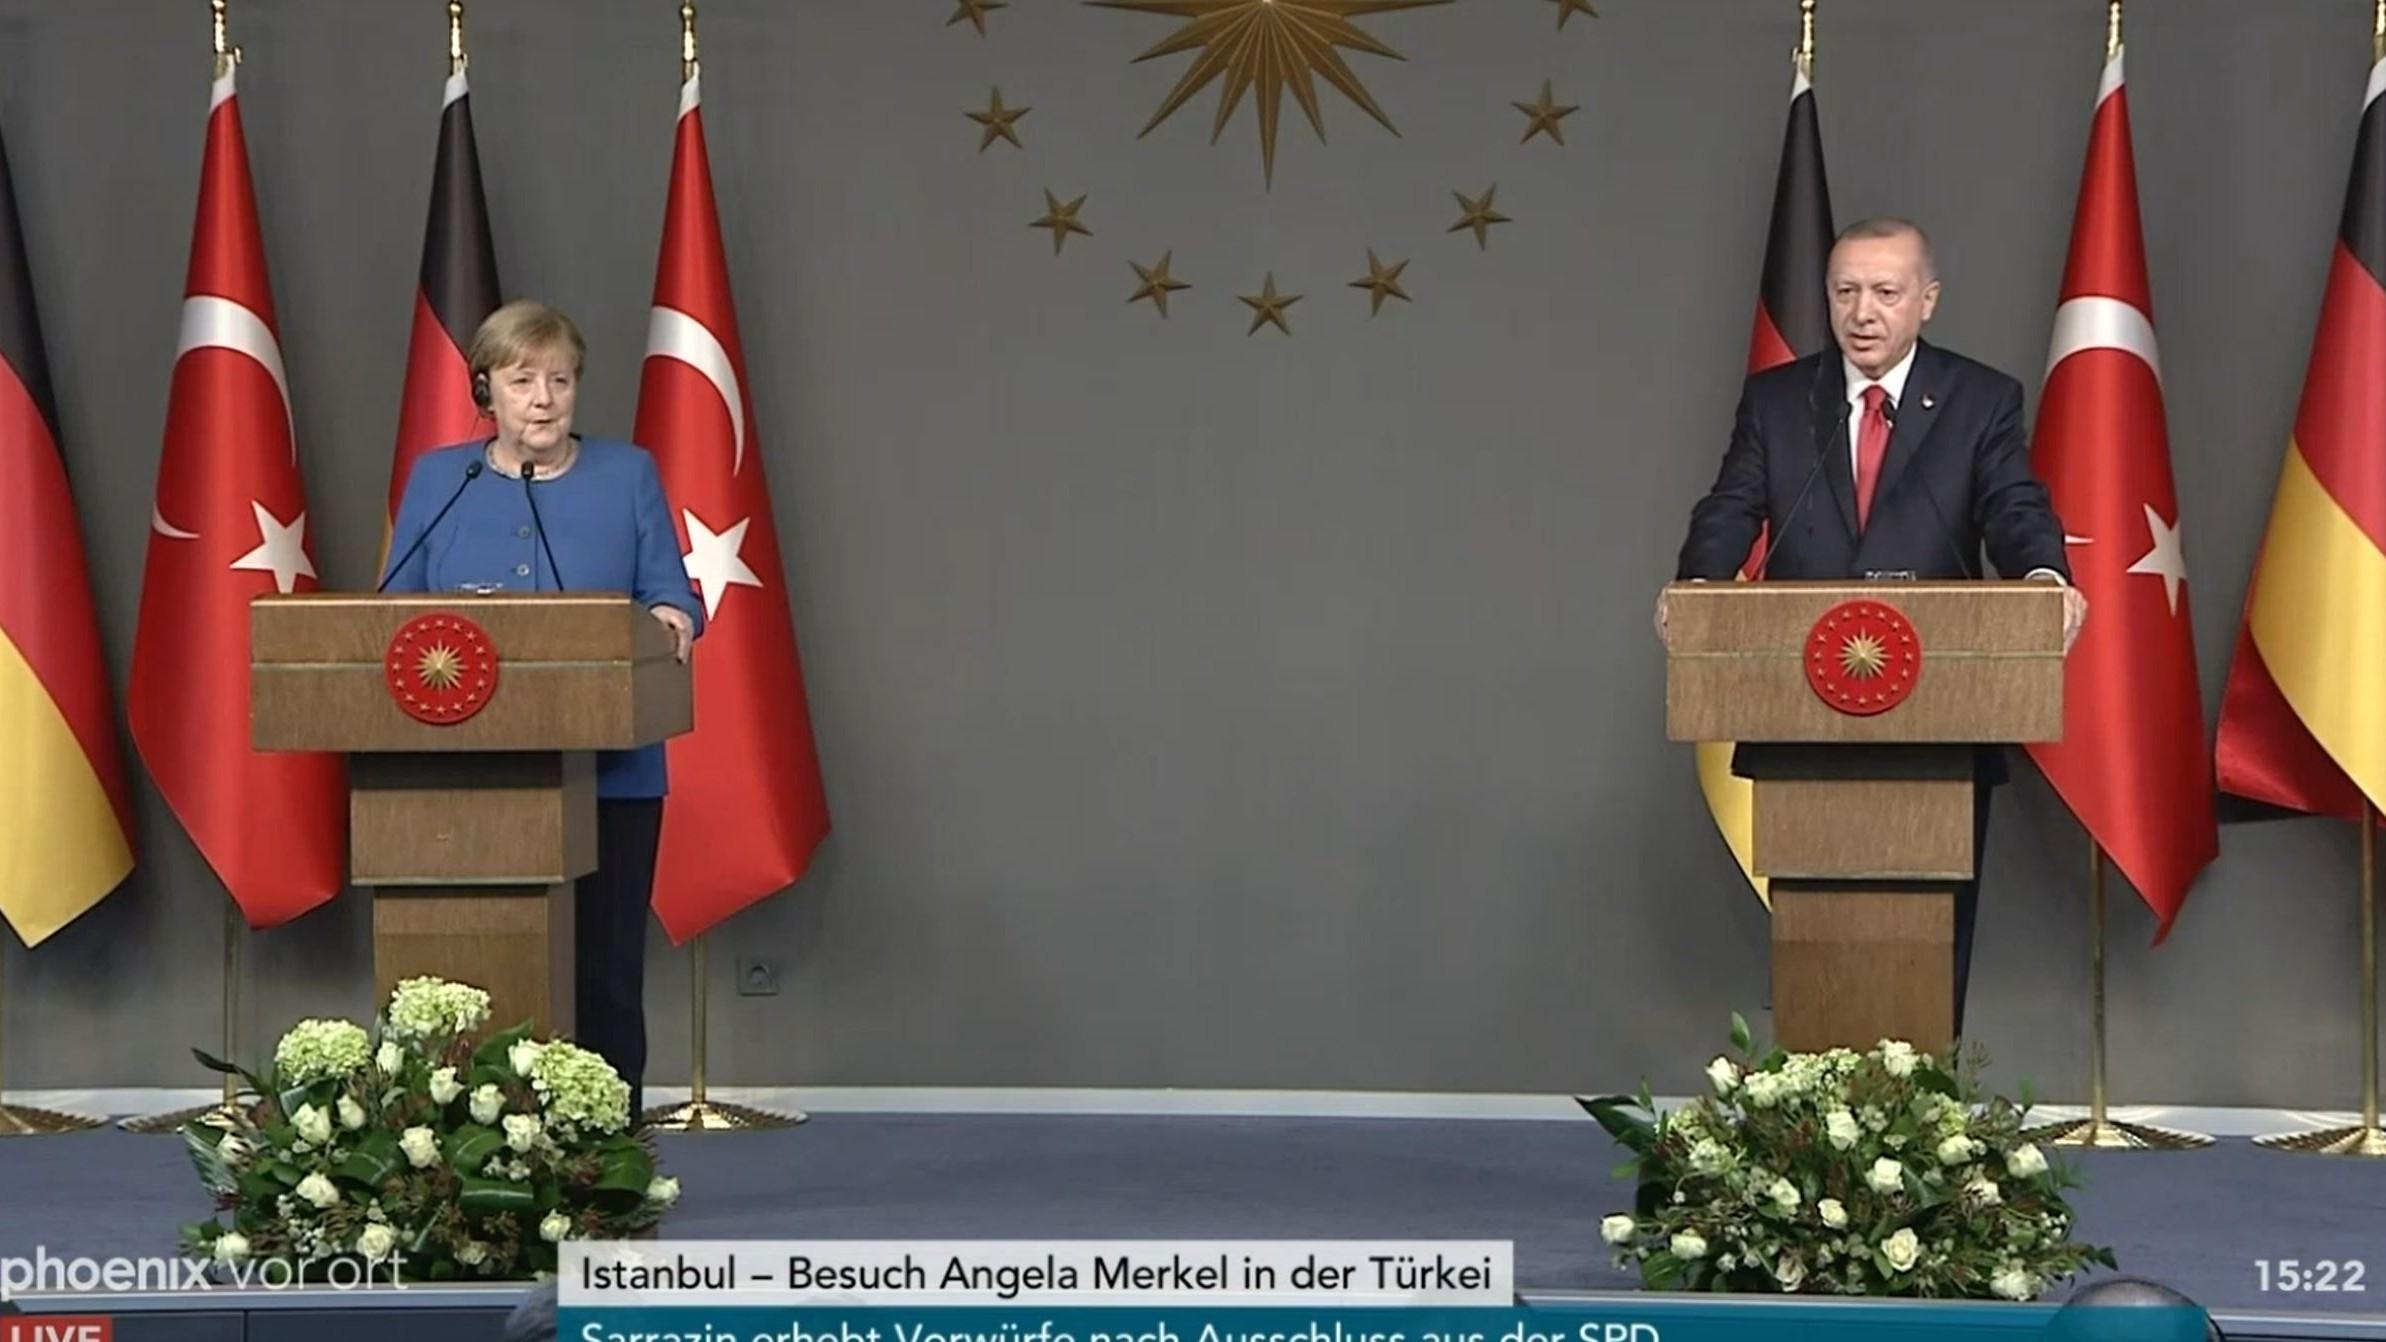 """""""Wir missverstehen uns"""": Merkel widerspricht Erdogan auf offener Bühne"""